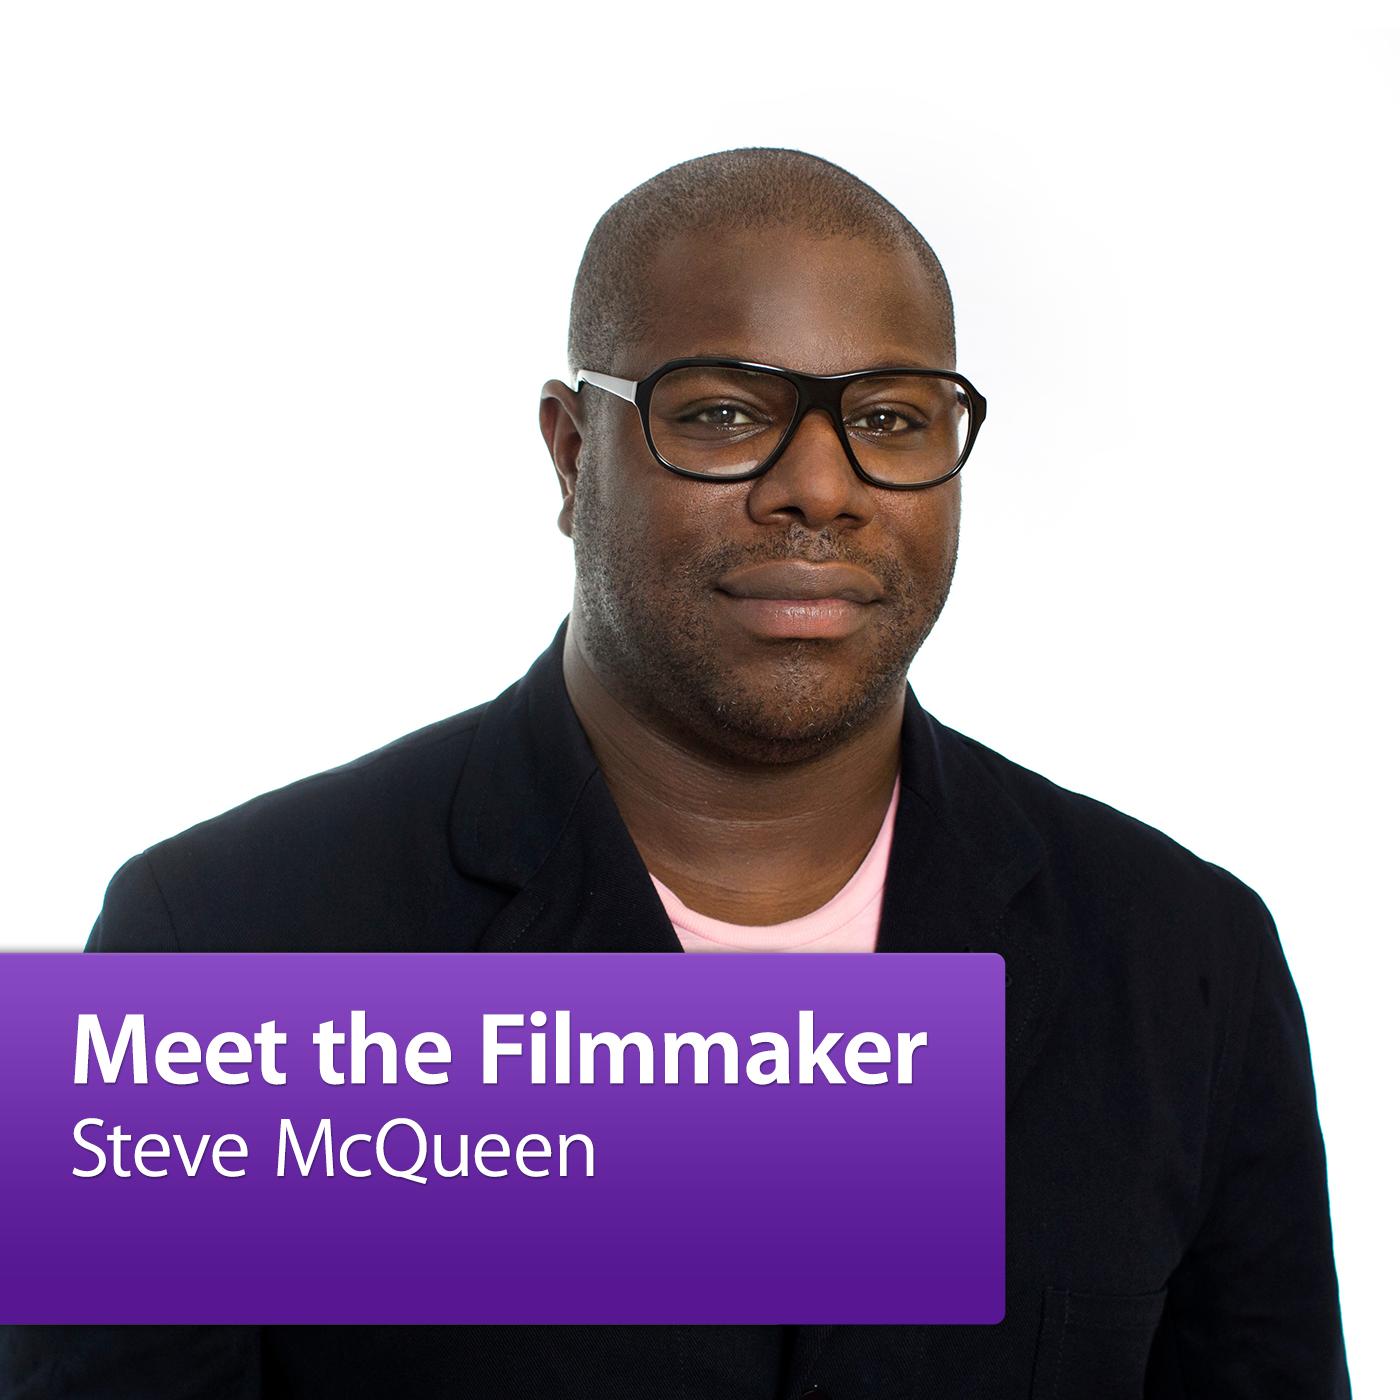 Steve McQueen: Meet the Filmmaker